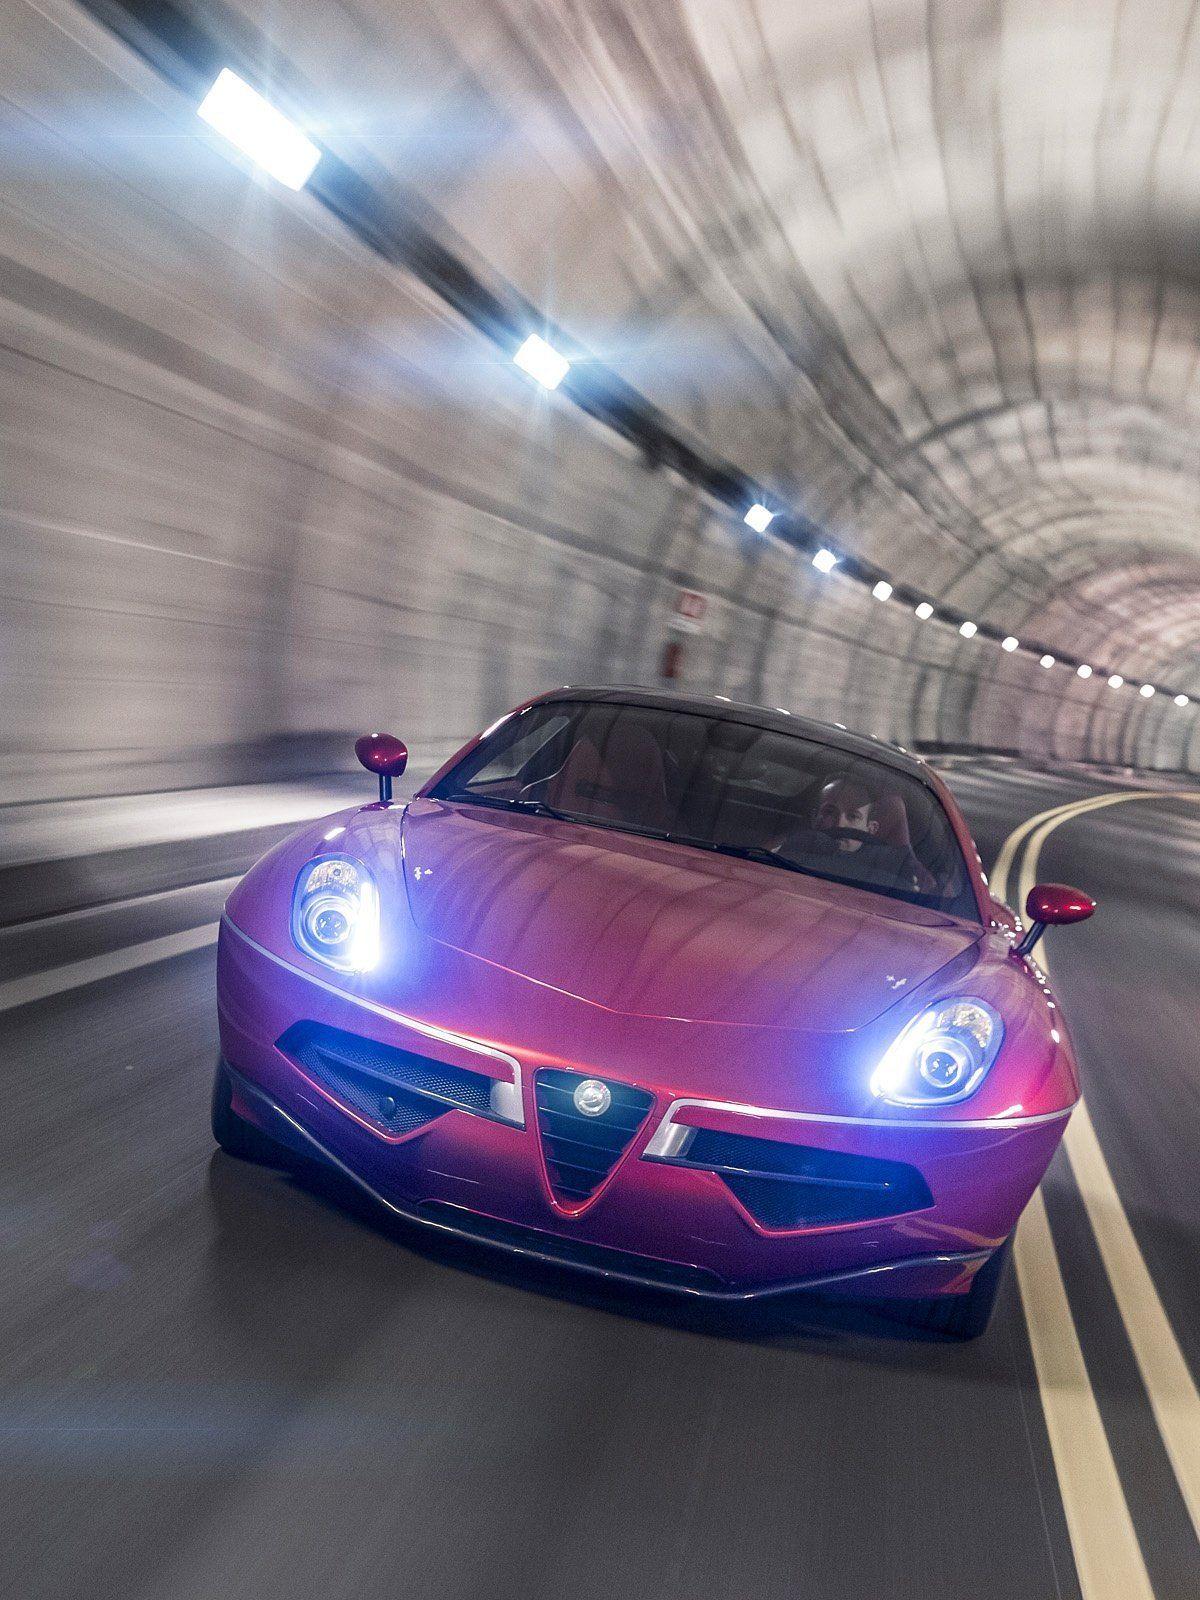 Alfa Romeo Disco Volante mobile wallpaper Alfa Romeo Disco